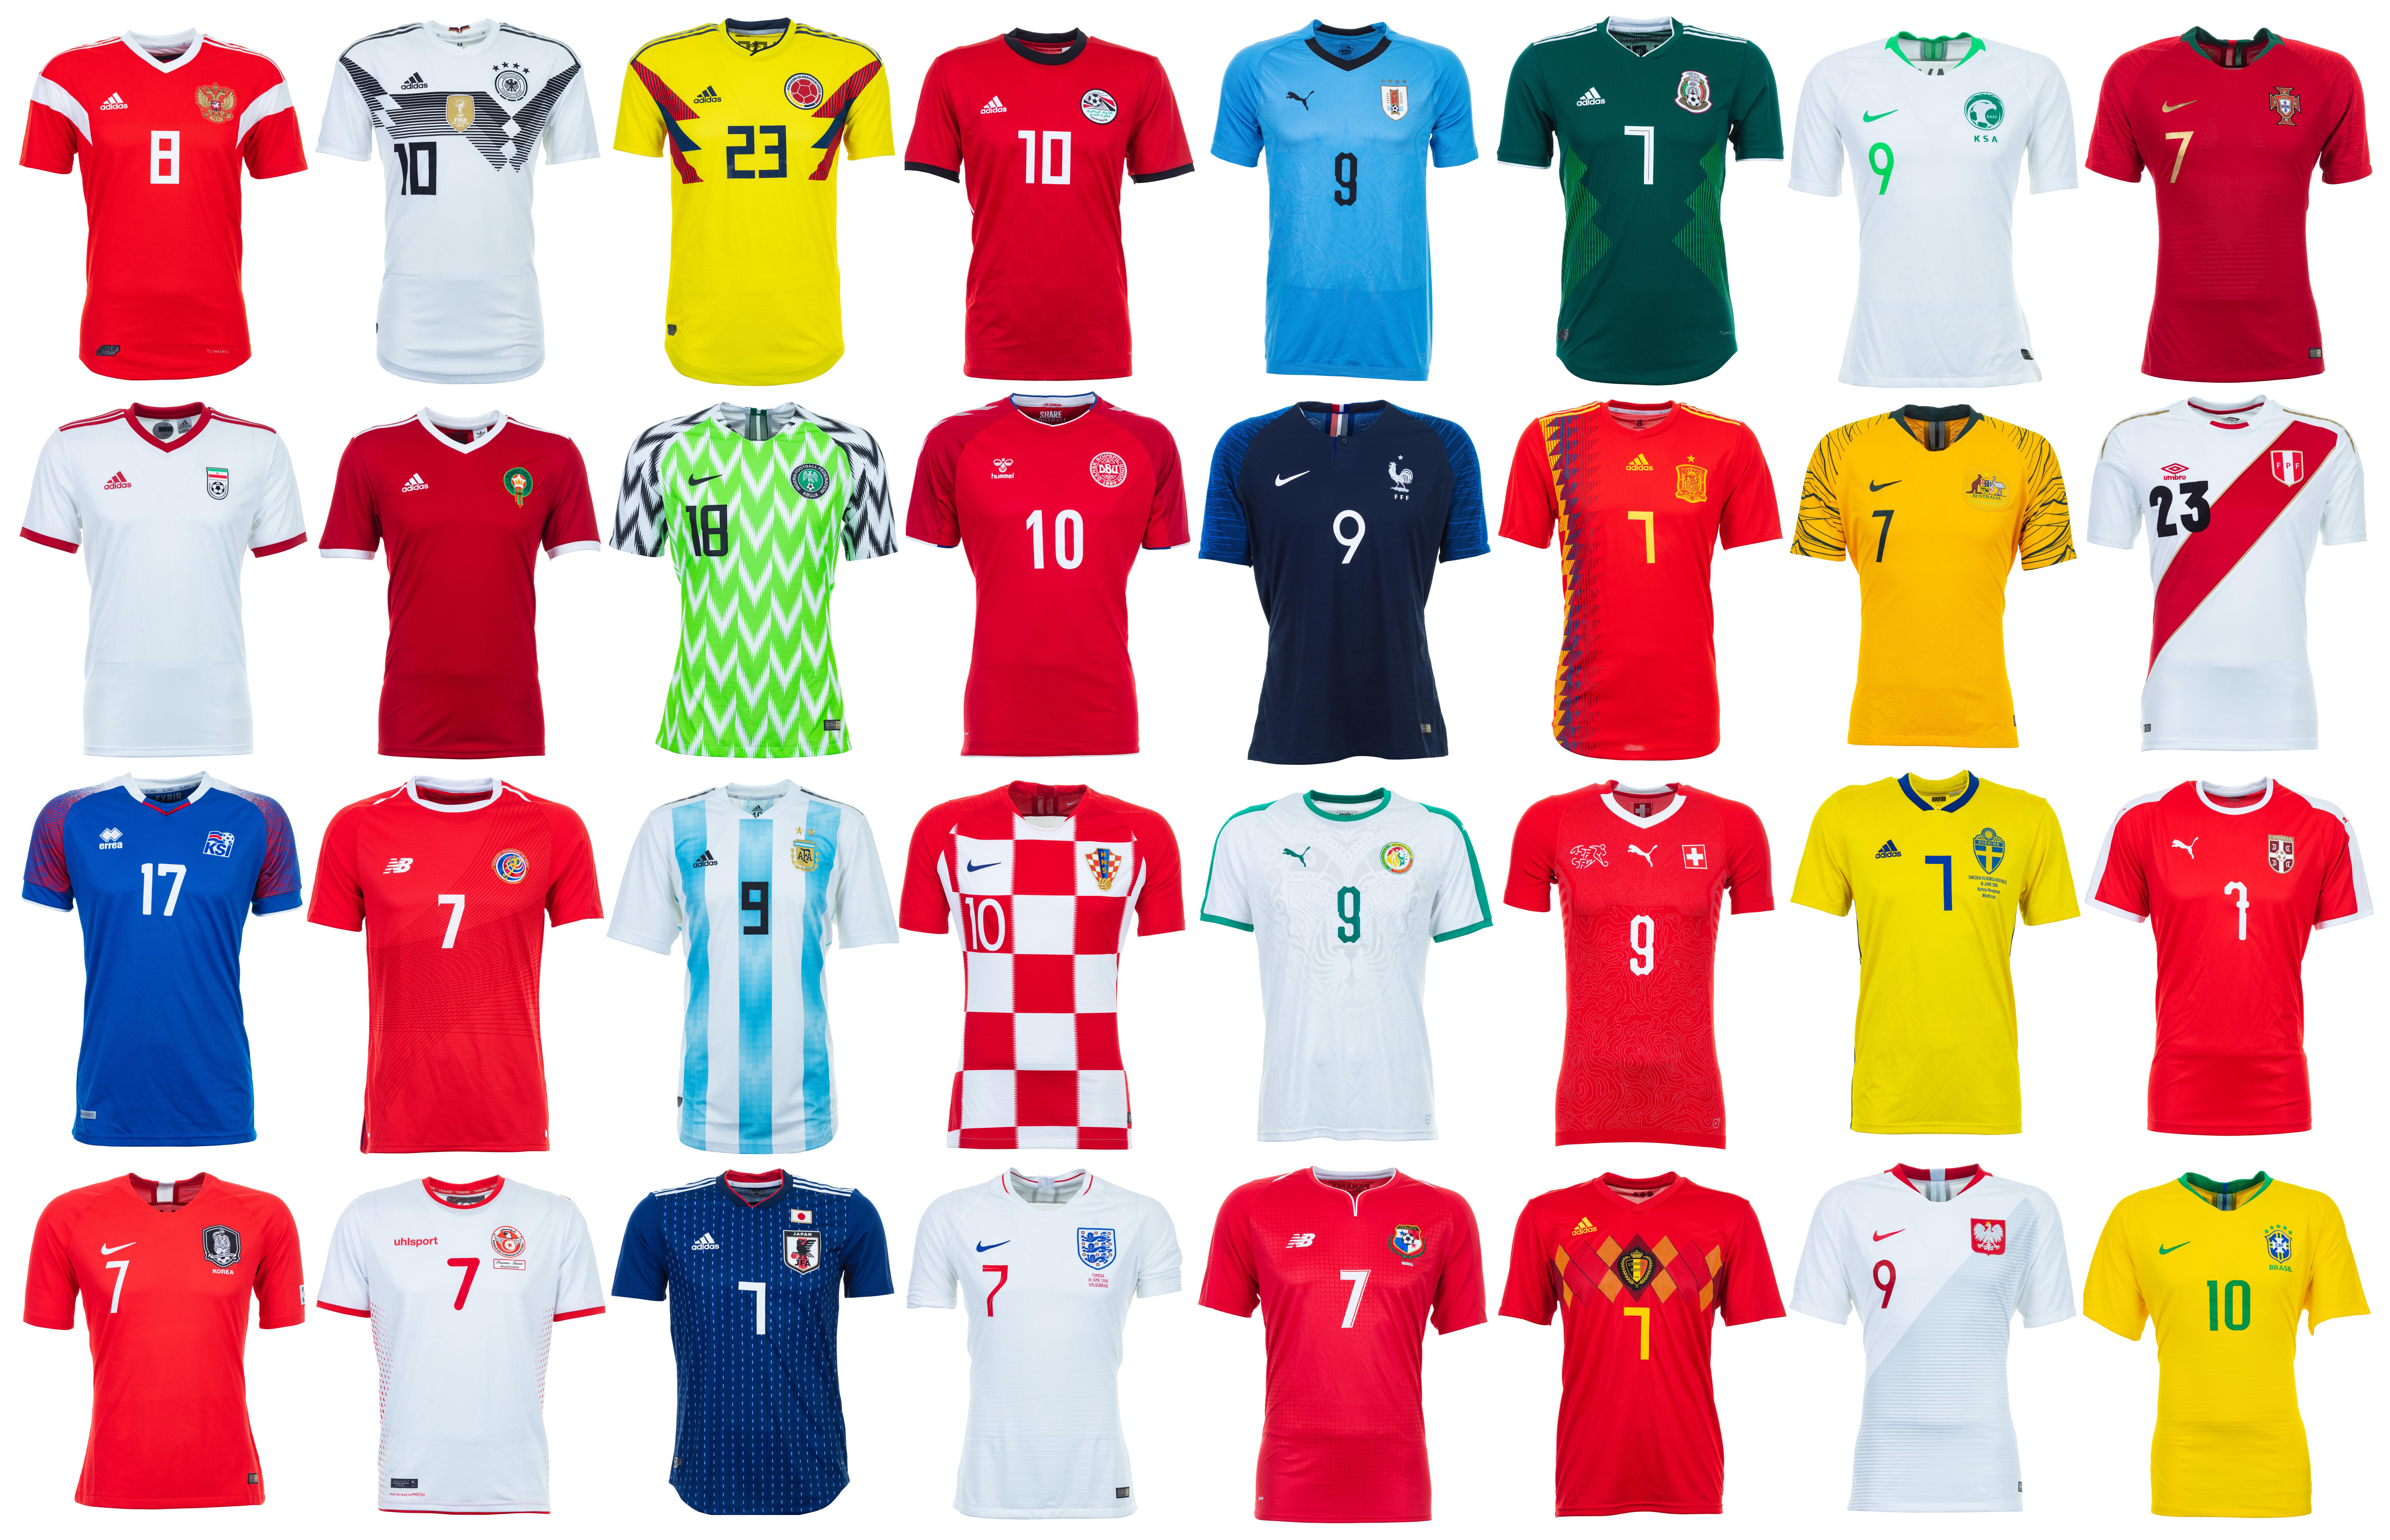 896d5a910b A agência Getty Images disponibilizou fotos em alta resolução das camisas  titulares das 32 seleções que vão disputar a Copa do Mundo de 2018